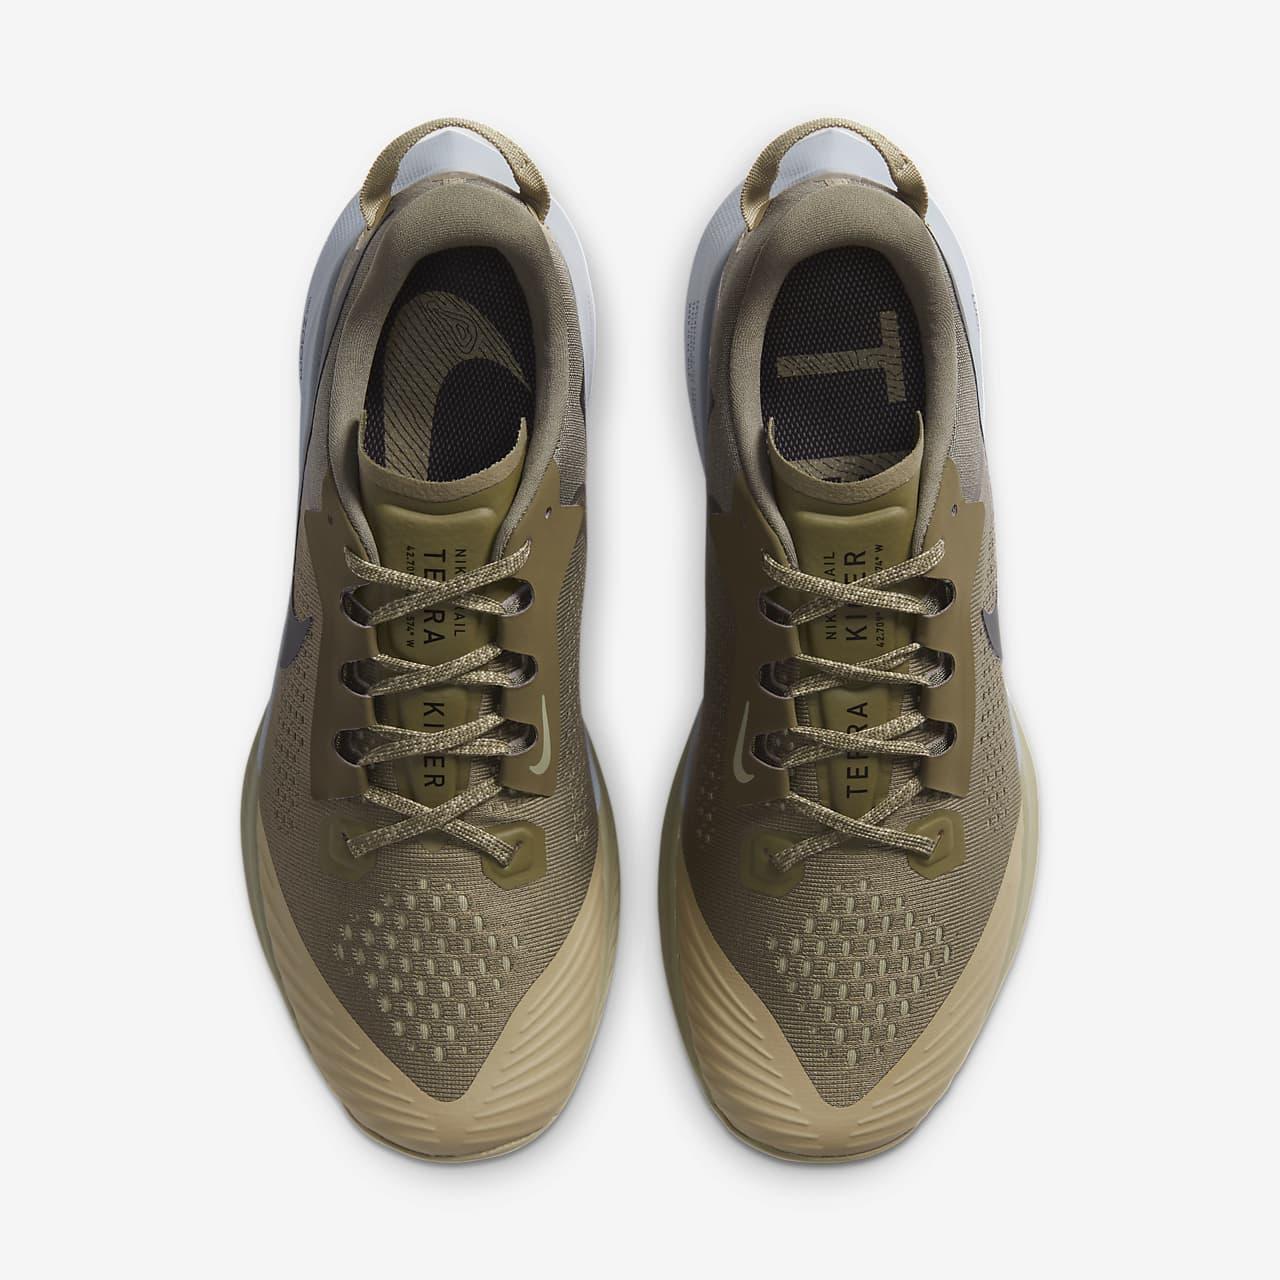 유럽직배송 나이키 NIKE Nike Air Zoom Terra Kiger 6 Men's Trail Running Shoe CJ0219-201